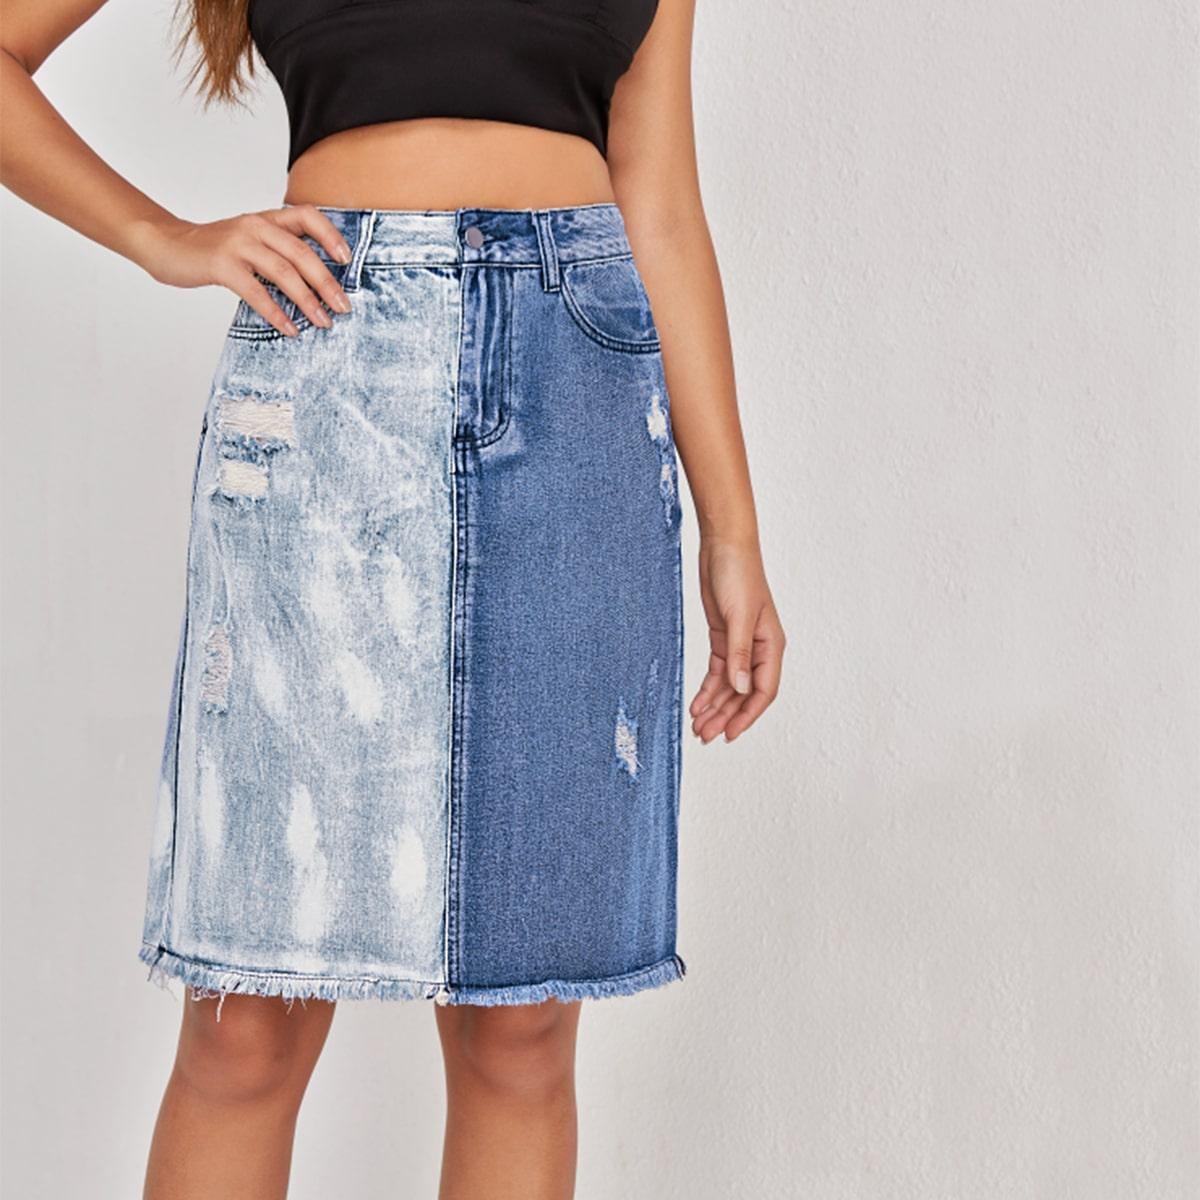 Контрастная рваная джинсовая юбка